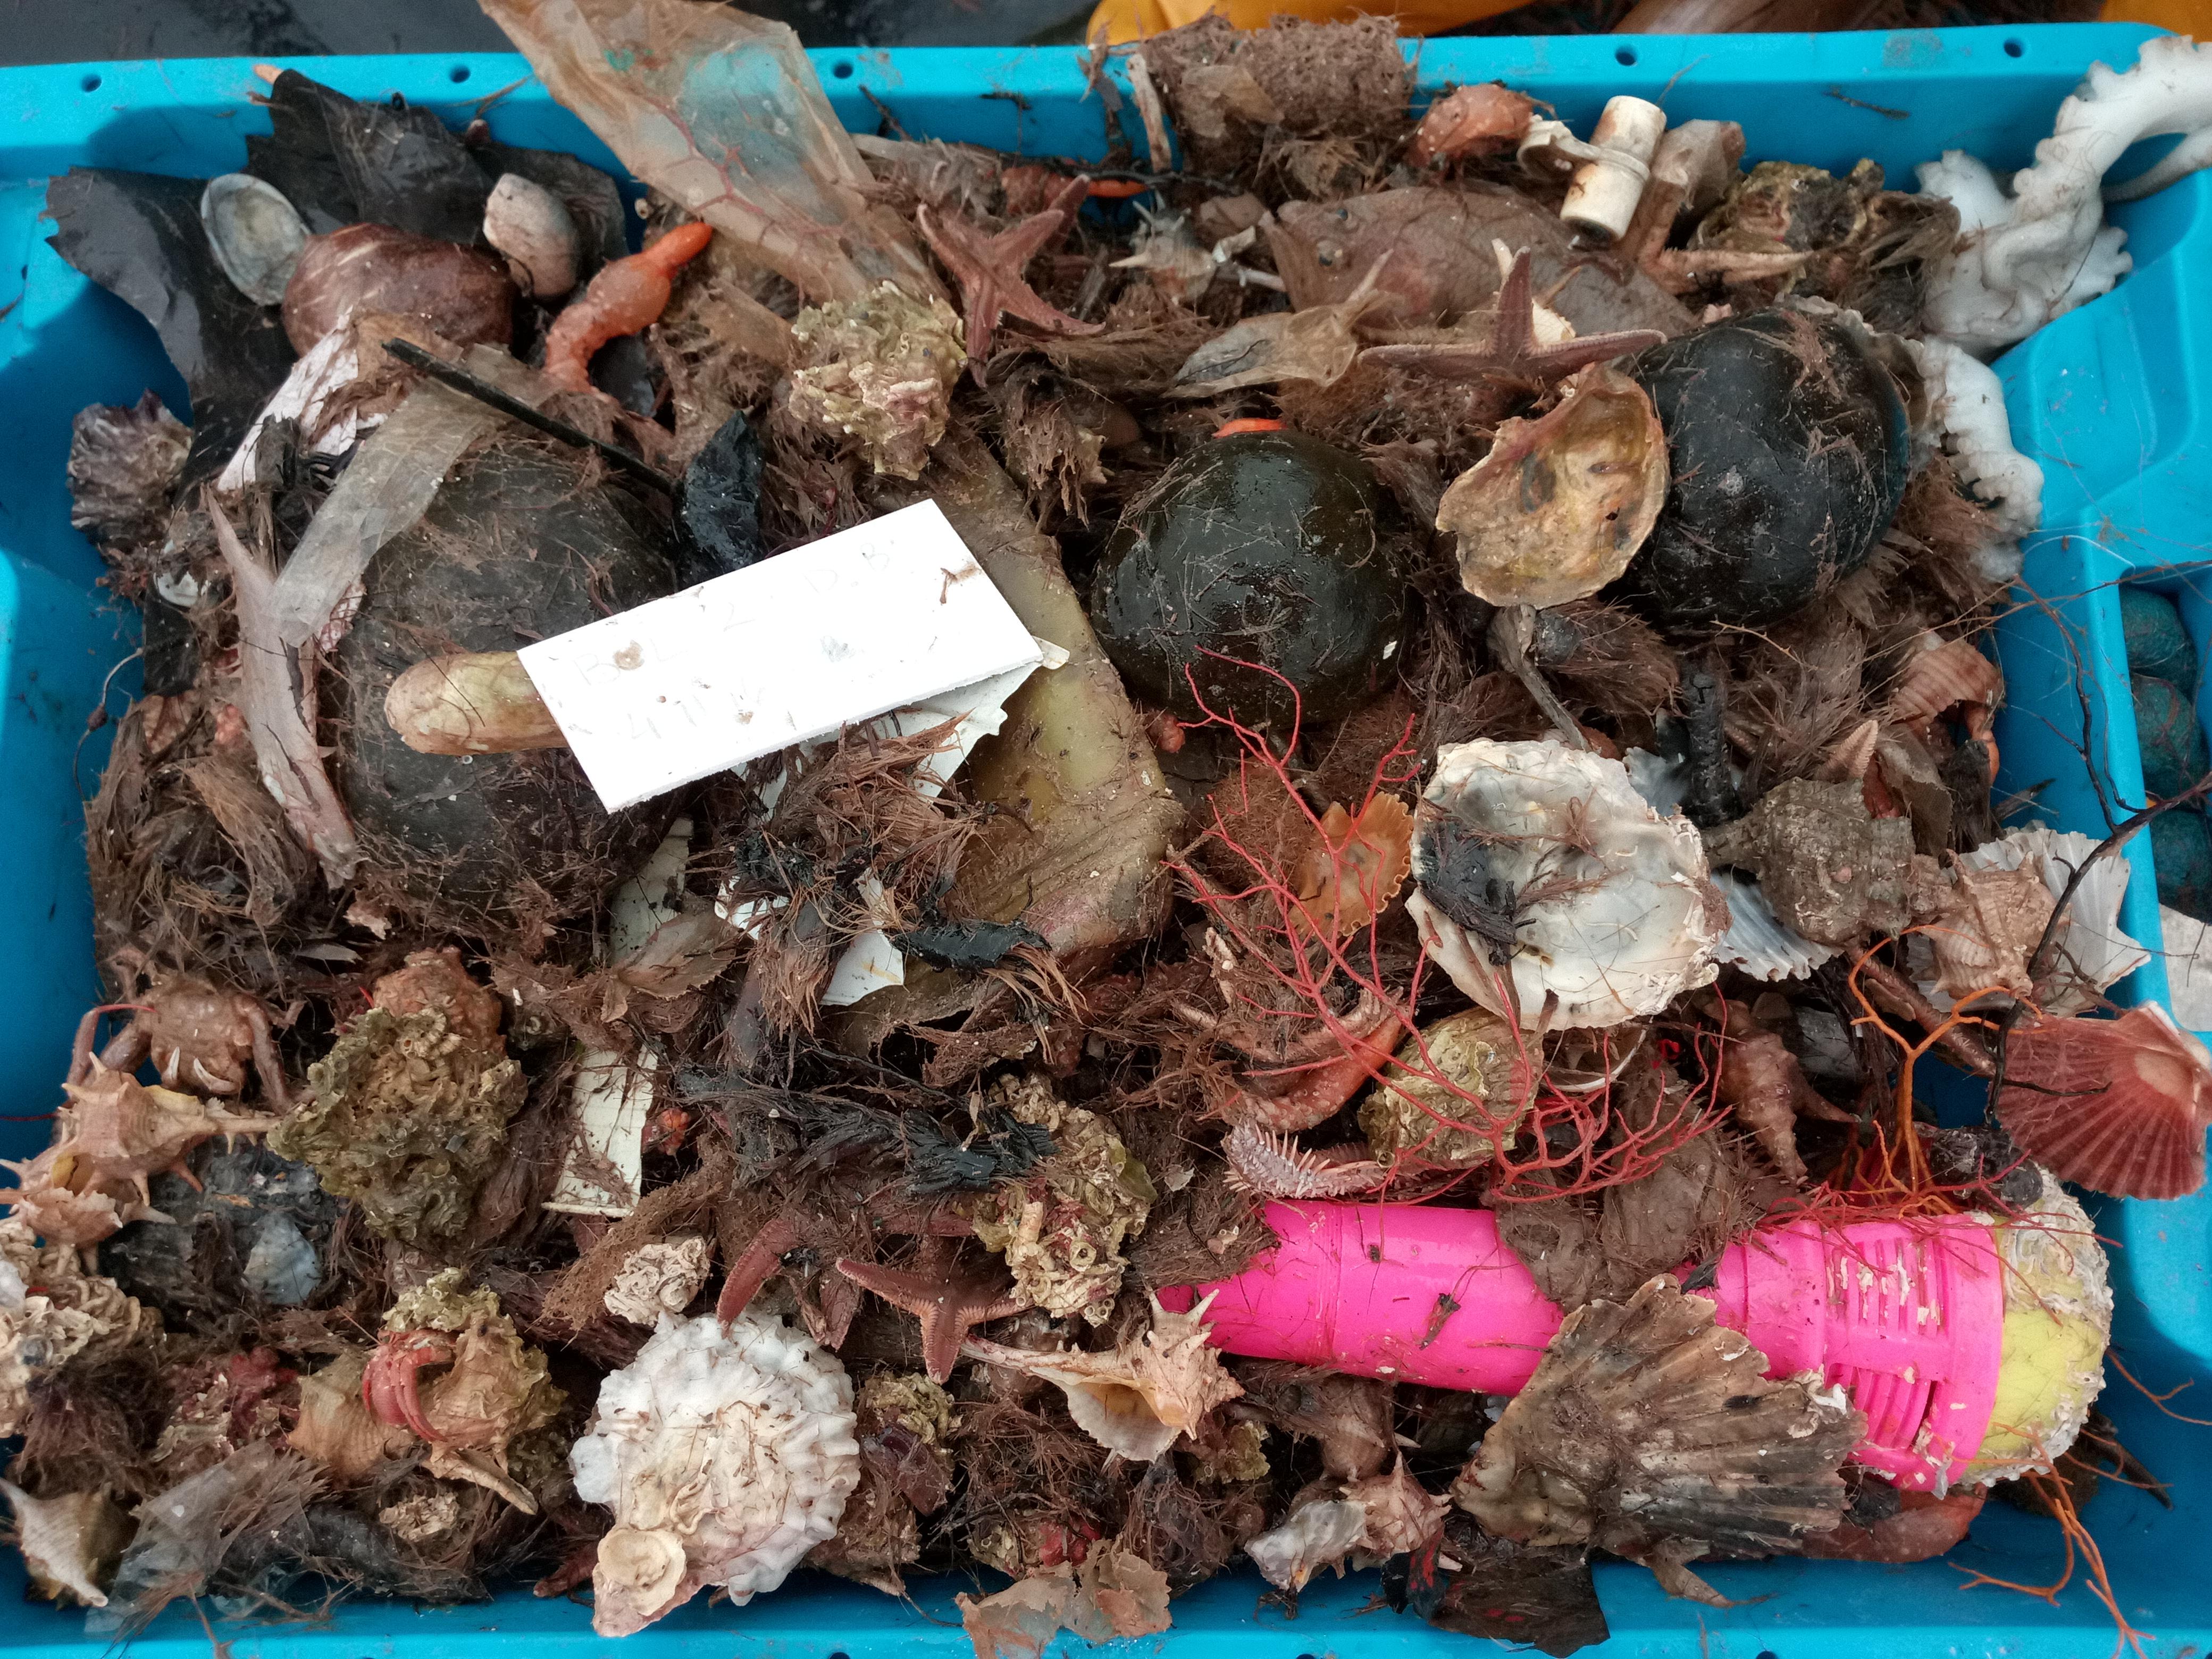 Una de las cajas repletas de basura recogidas durante el estudio. Imagen: Eve Galimany / ICM-CSIC